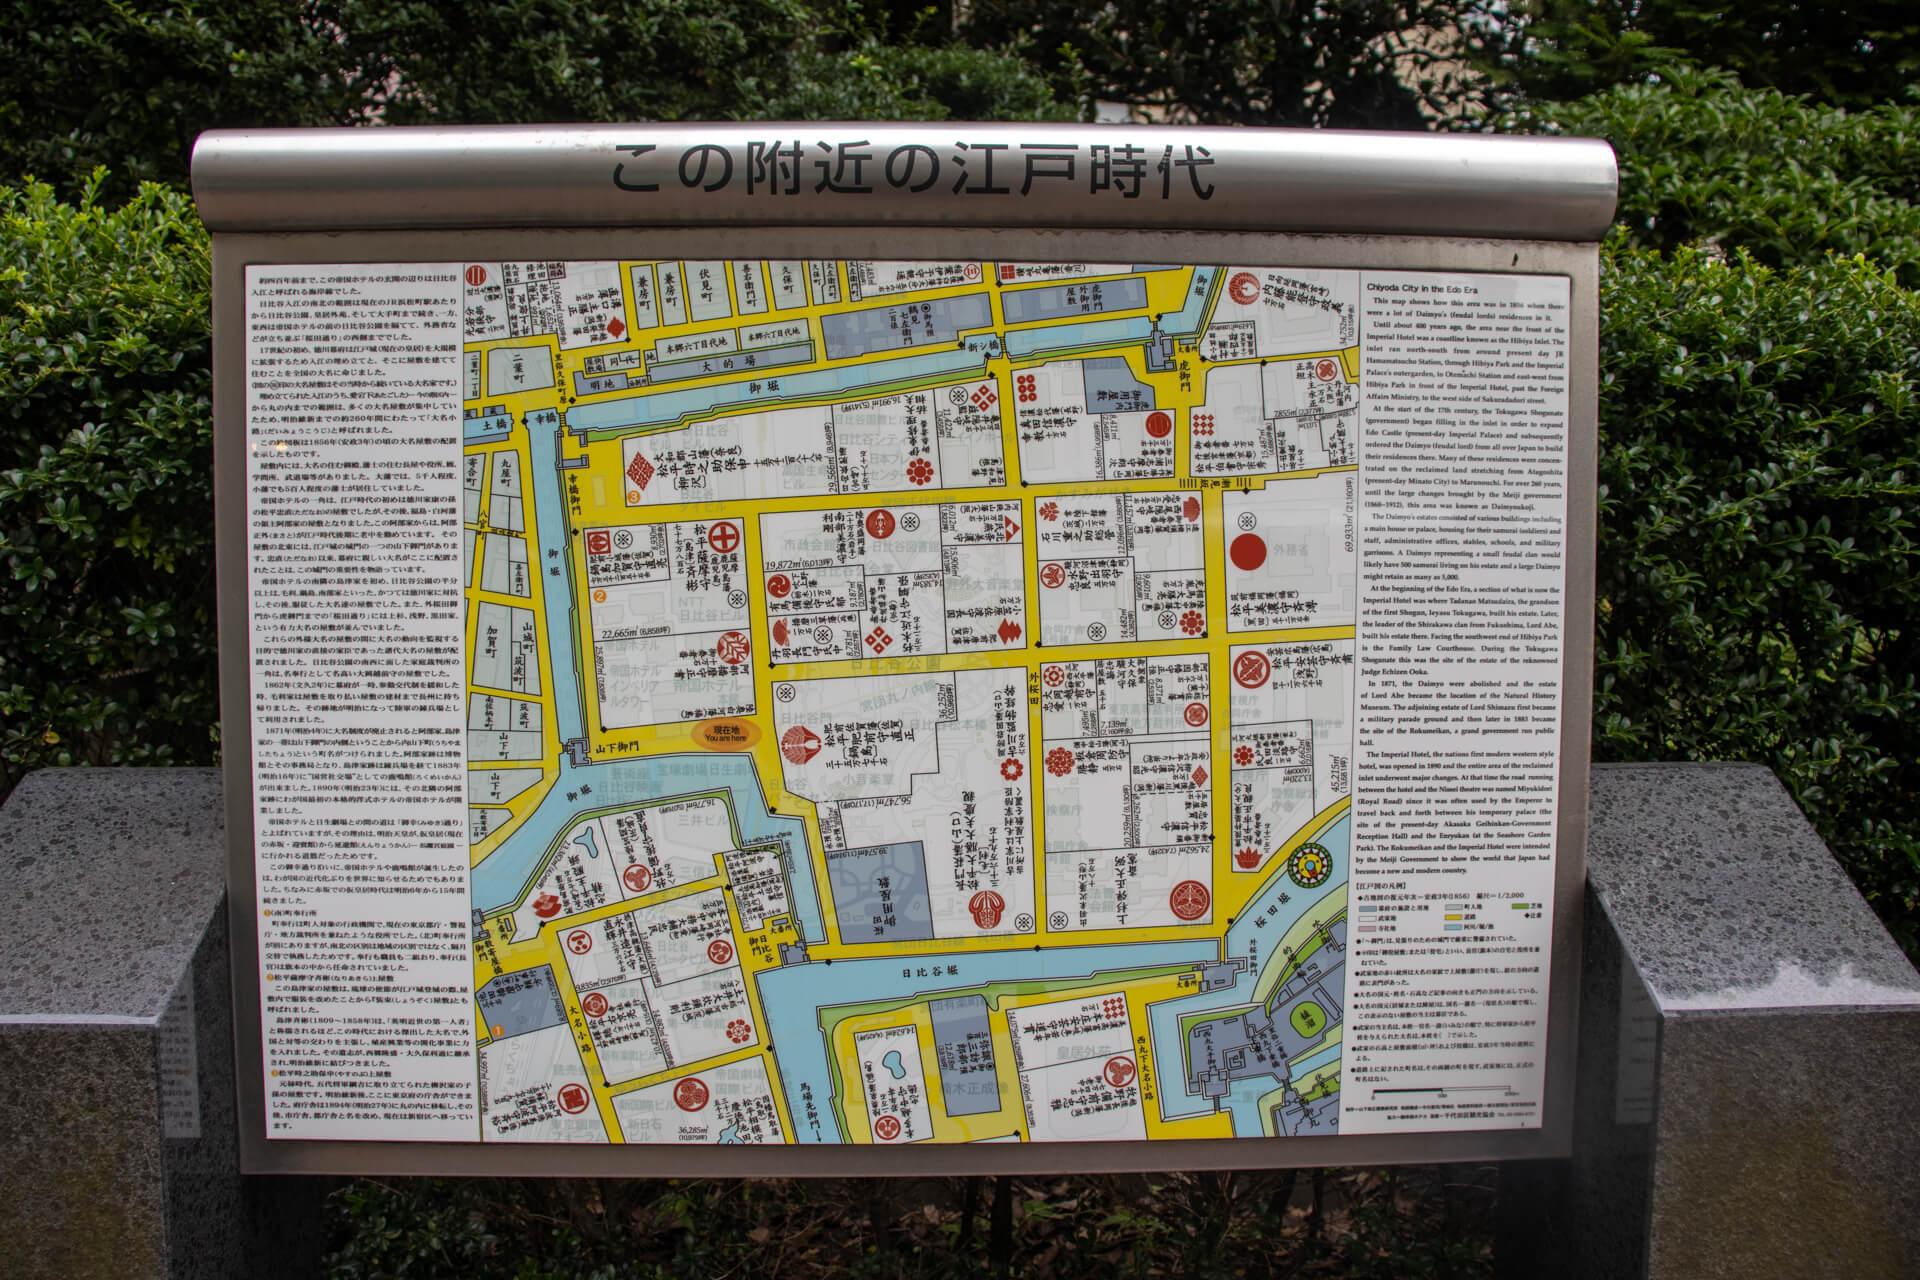 帝国ホテル附近の江戸時代の地図